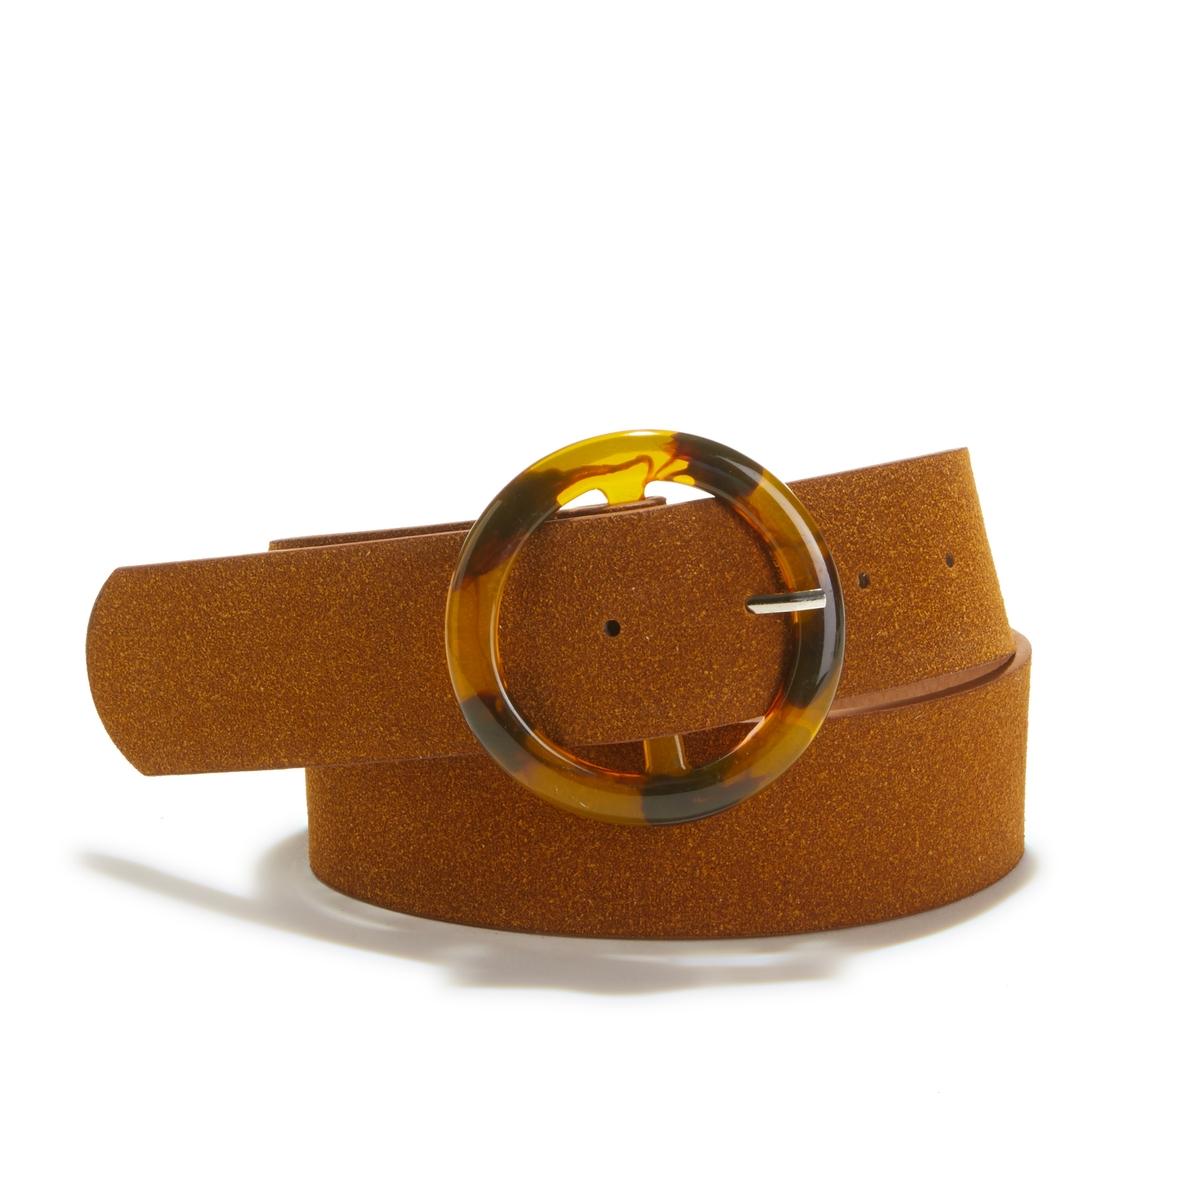 Cinturón ancho con hebilla estilo carey